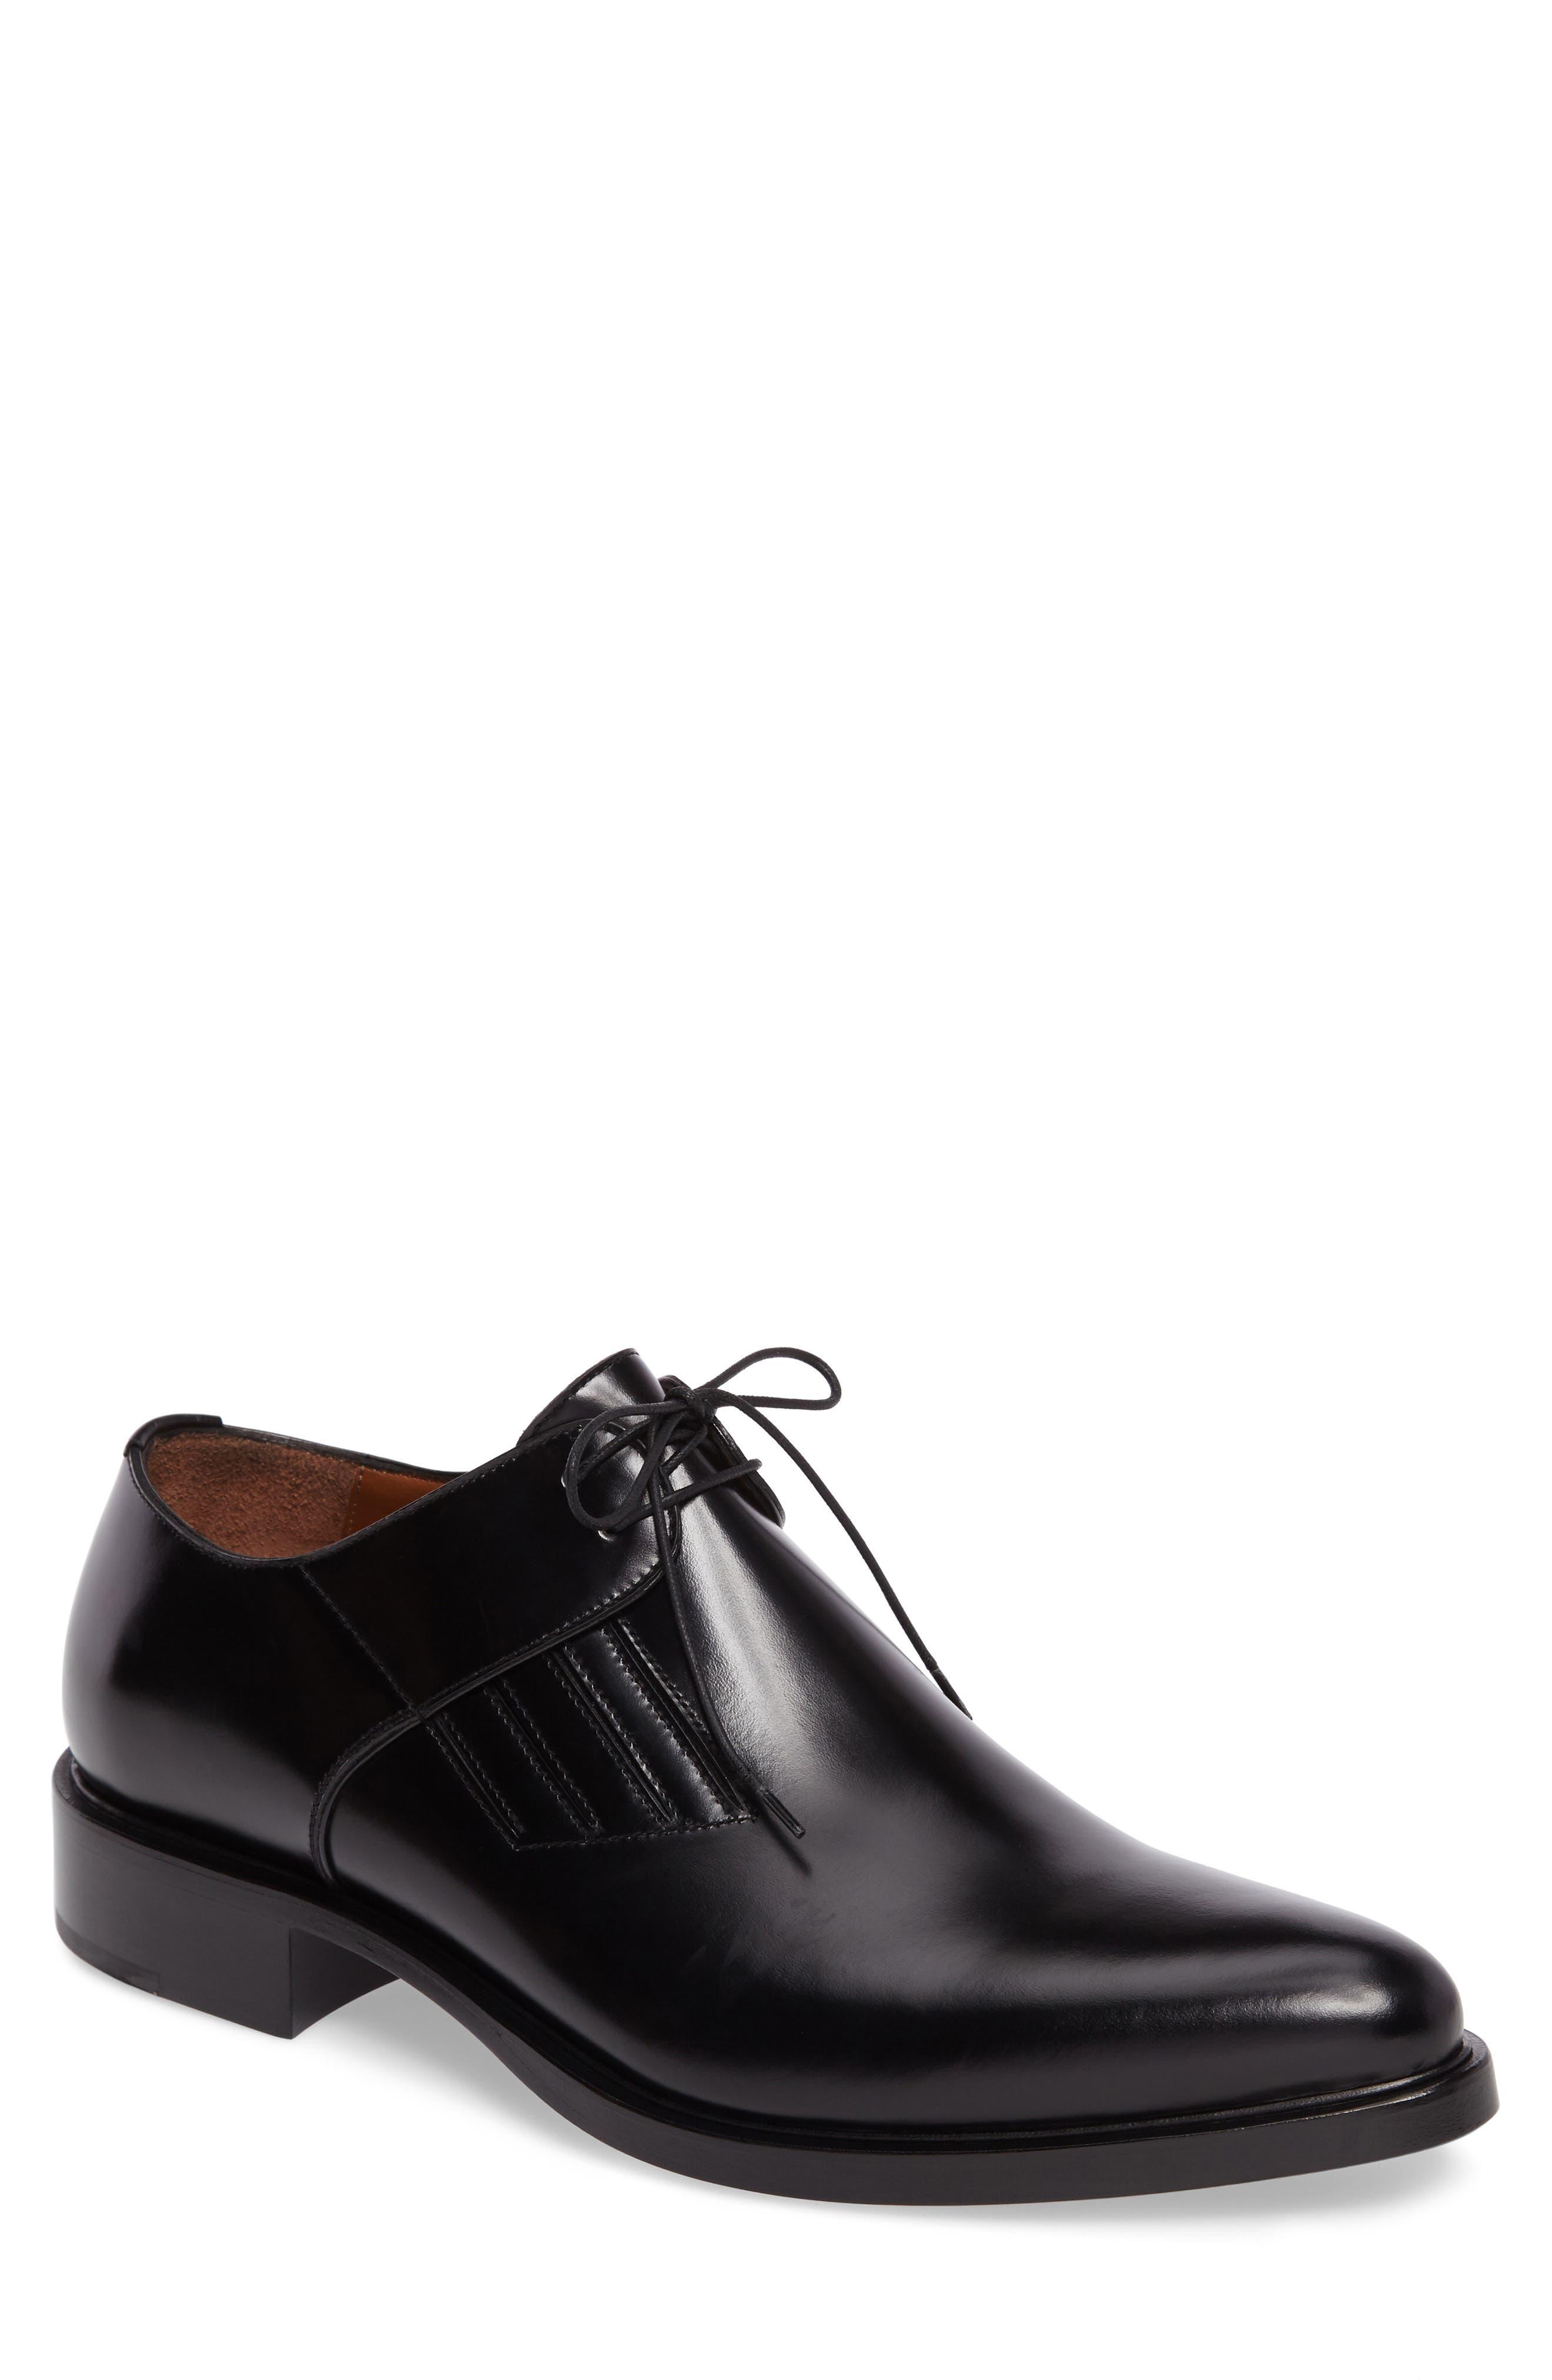 Givenchy Plain Toe Derby (Men)